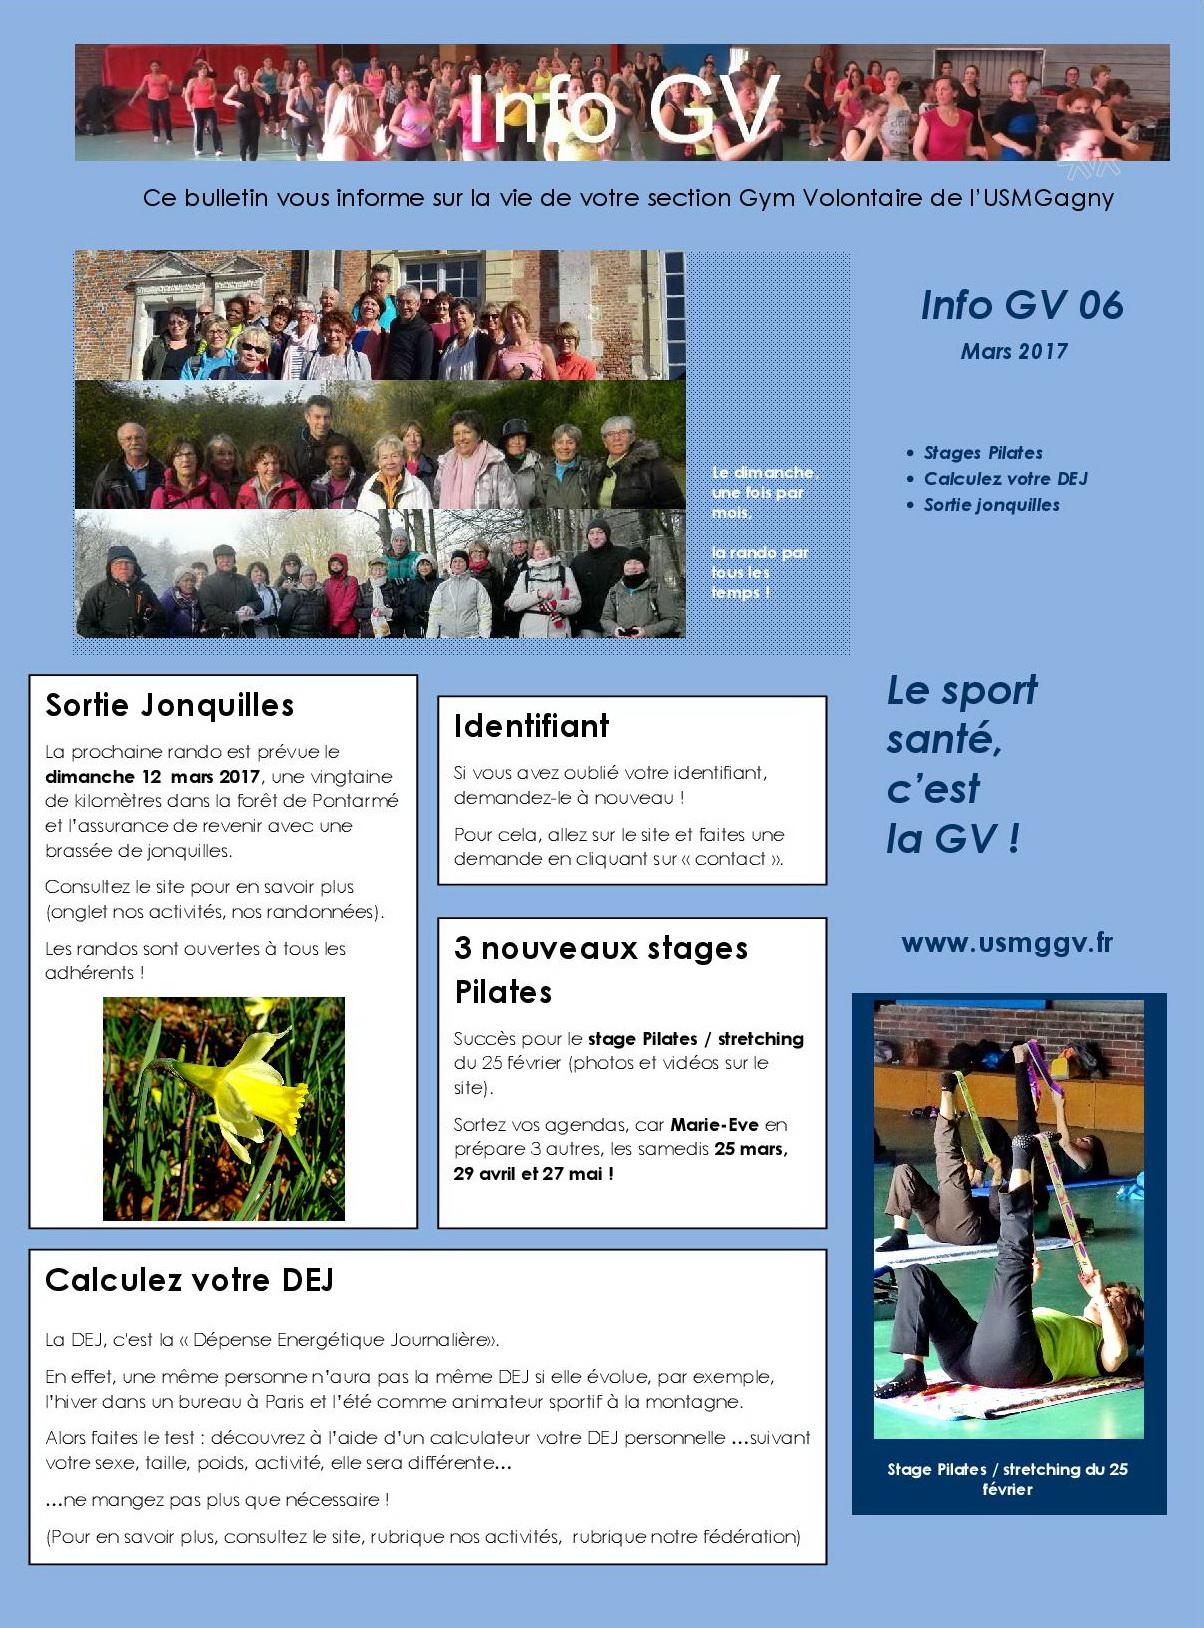 INFO GV 06